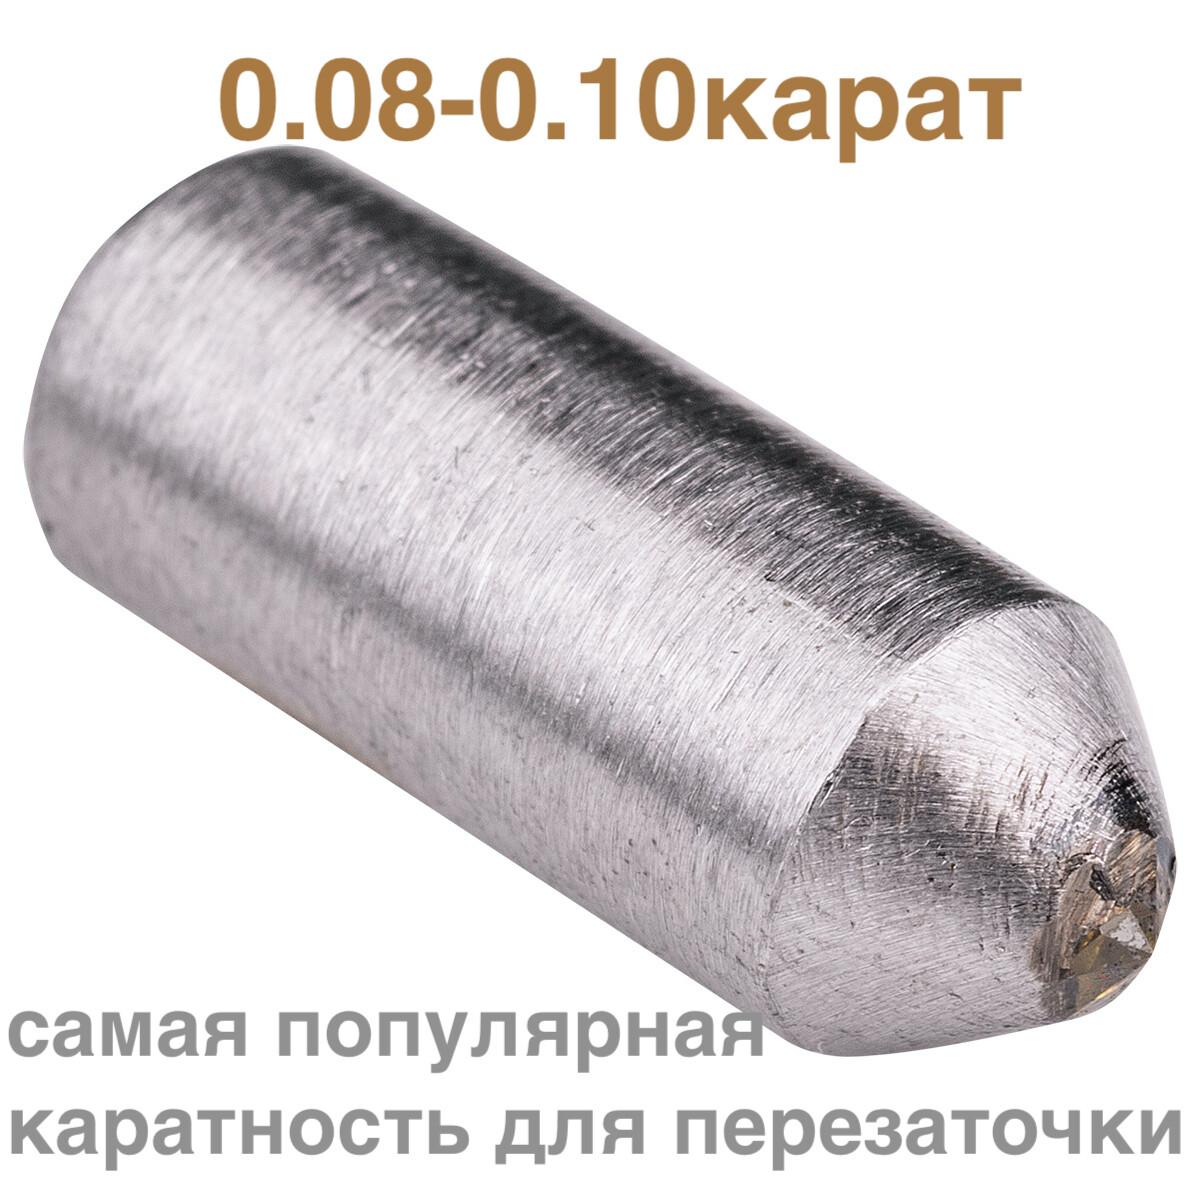 0.08-0.10кт. (Гравер-5) <115°8гр. алмазная игла для станка (№1)